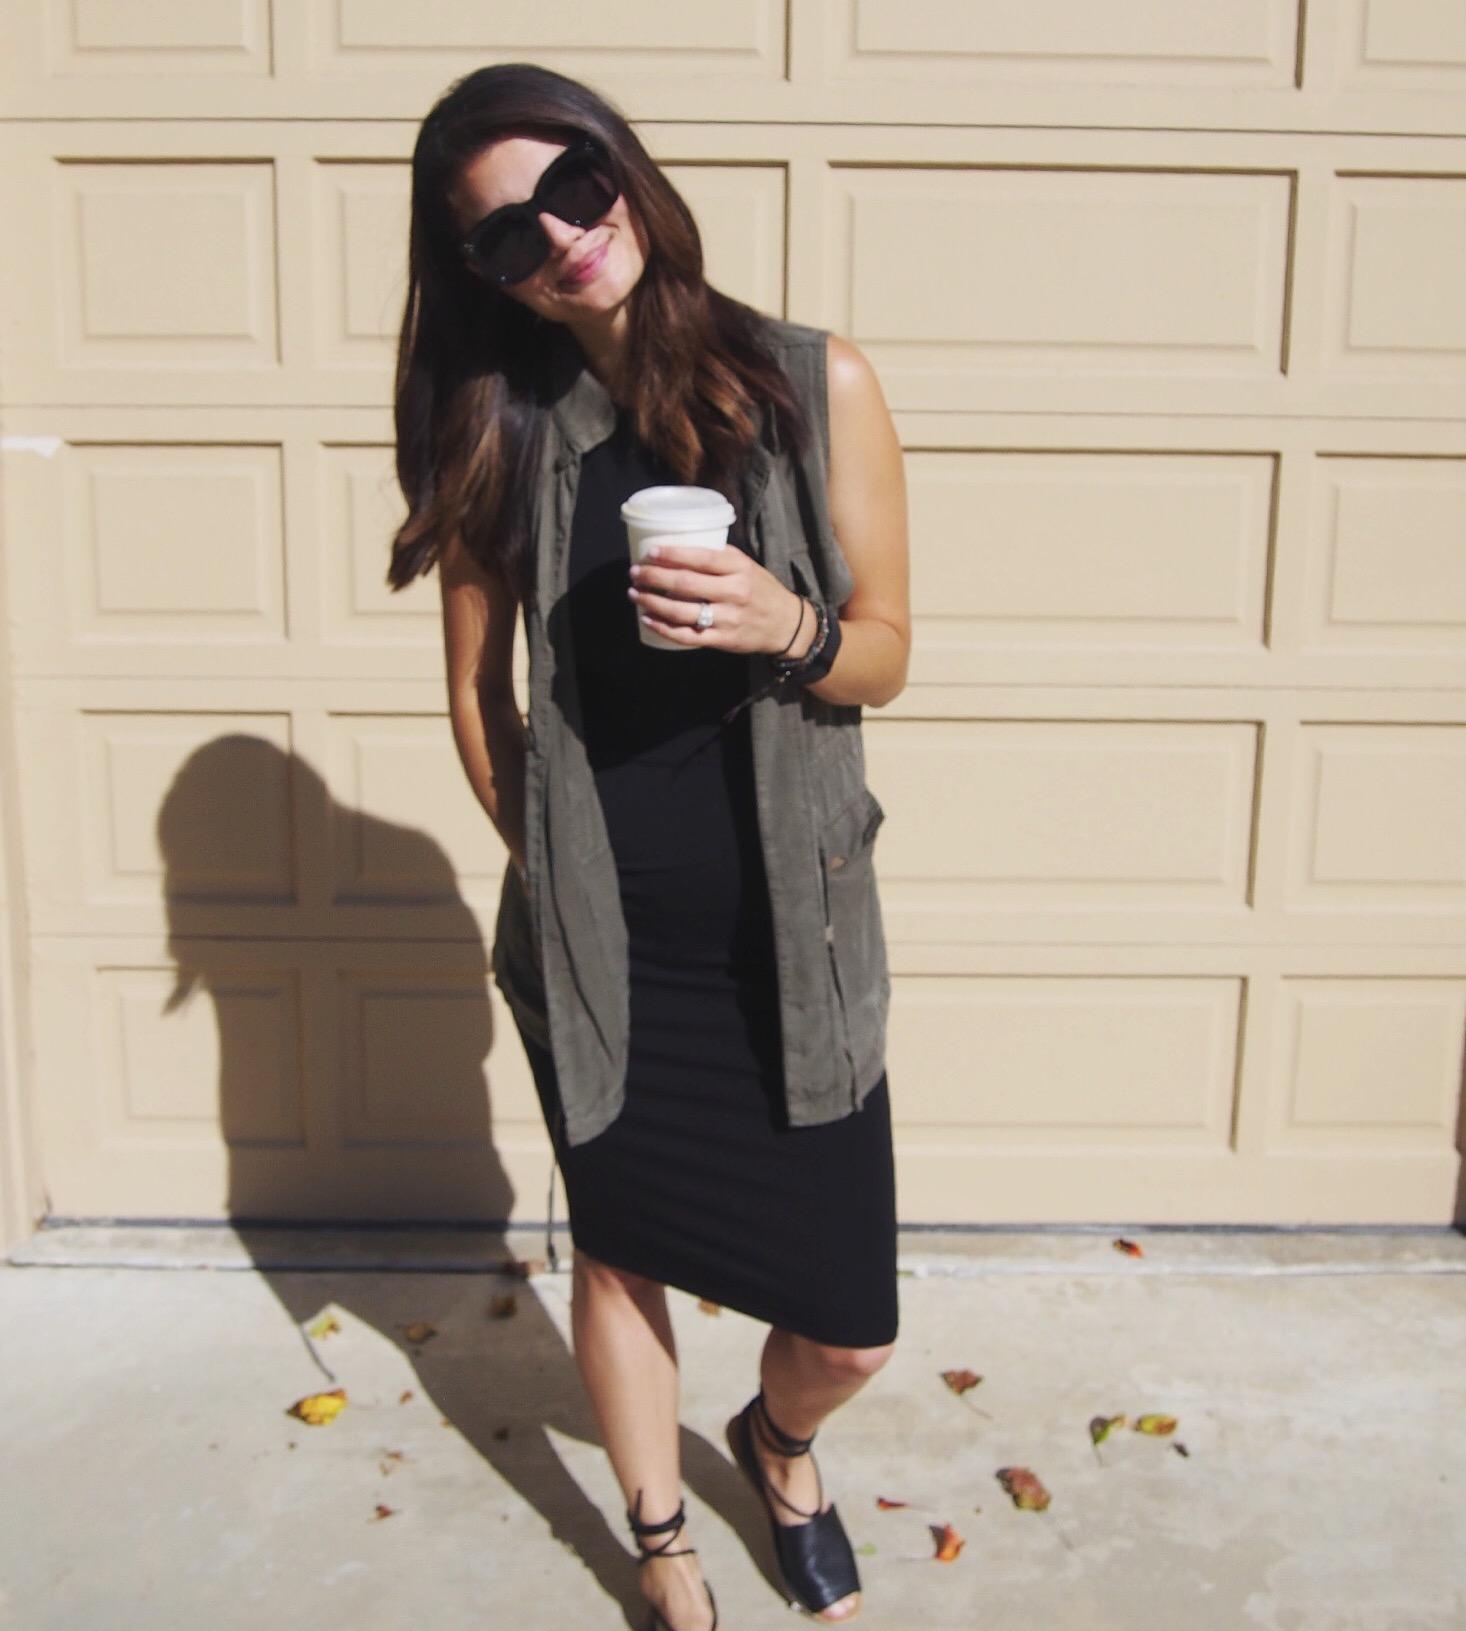 Vest: Target. Dress: Forever 21. Shoes: Topshop. Sunglasses: Karen Walker.